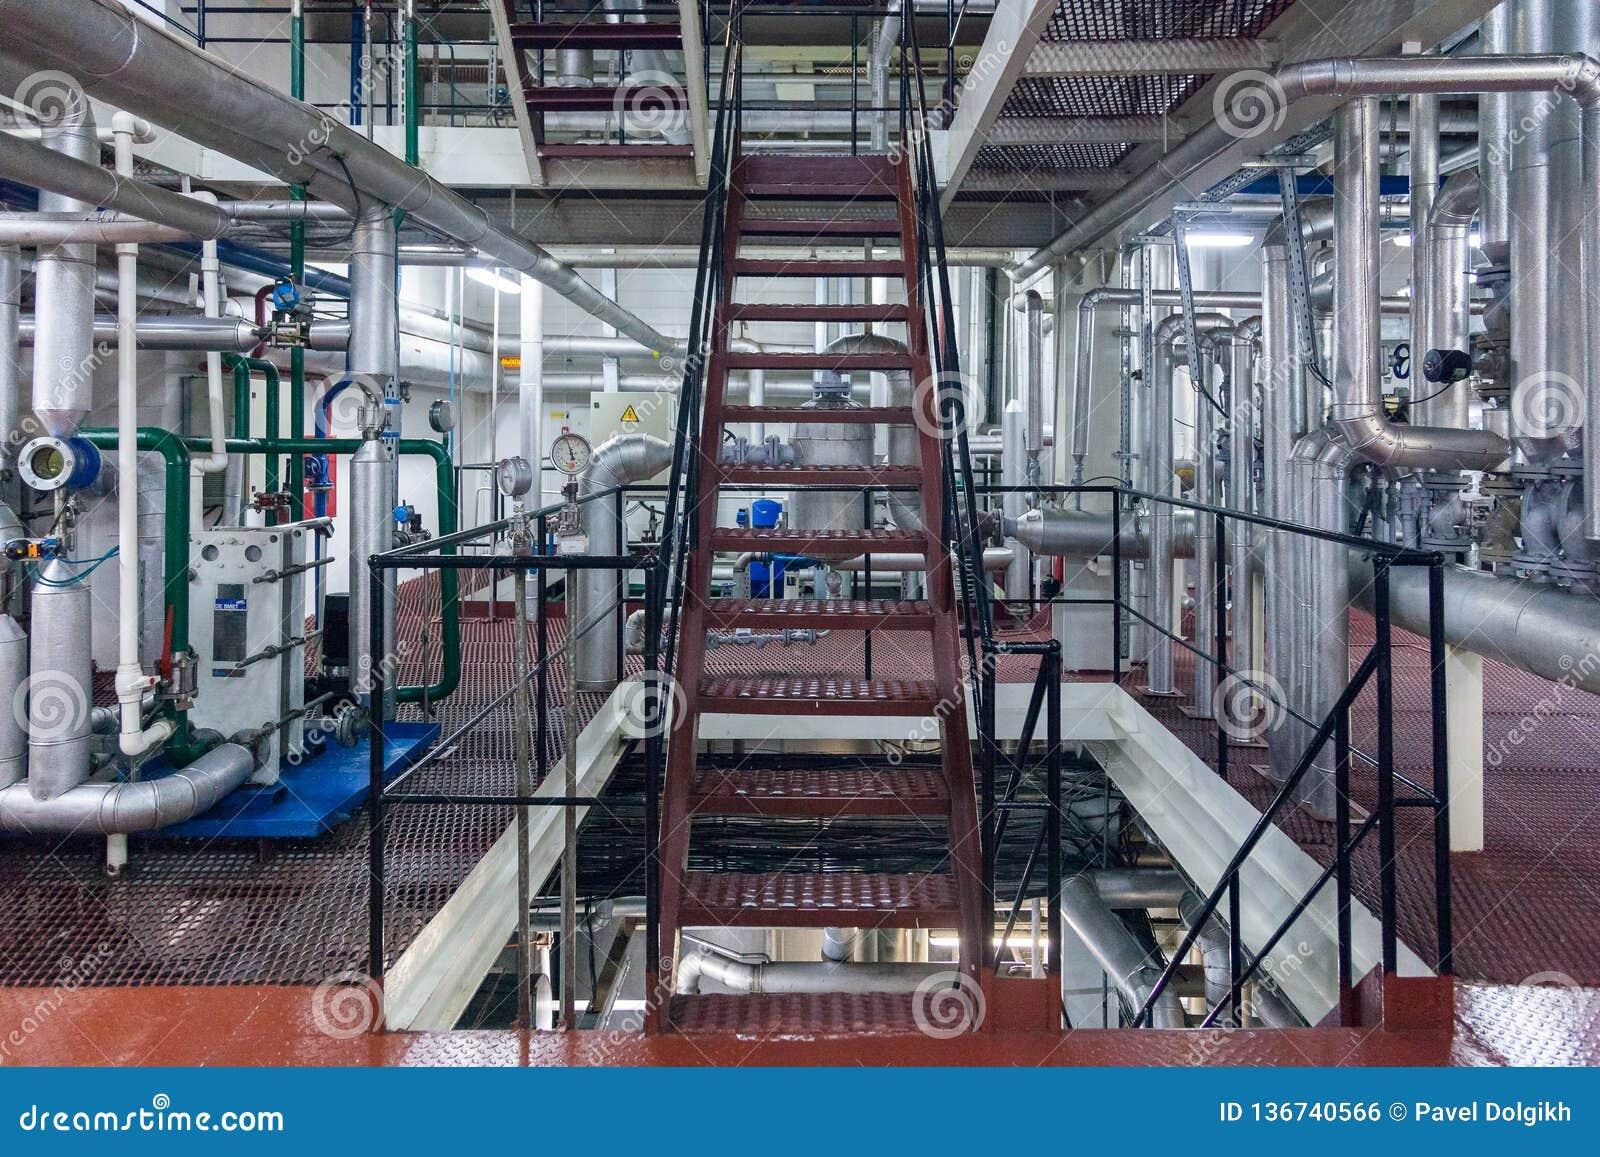 Продукция специализированного промышленного предприятия сал и пищевых добавок